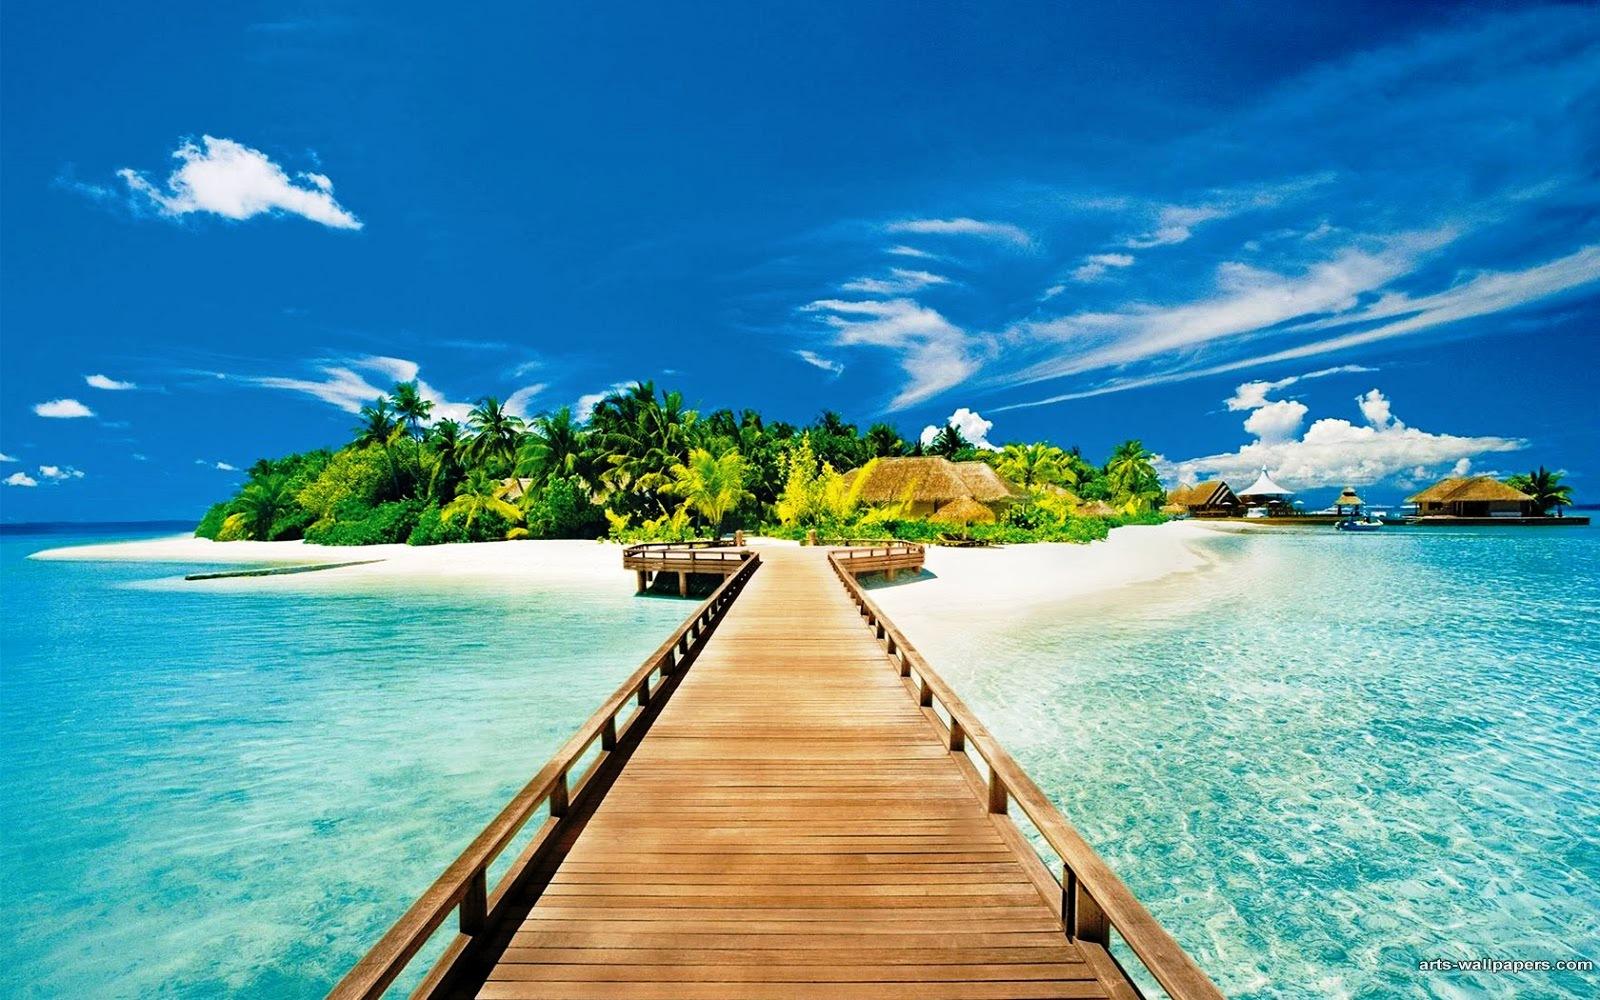 Kinh nghiệm du lịch Đảo Phú Quốc bạn cần biết